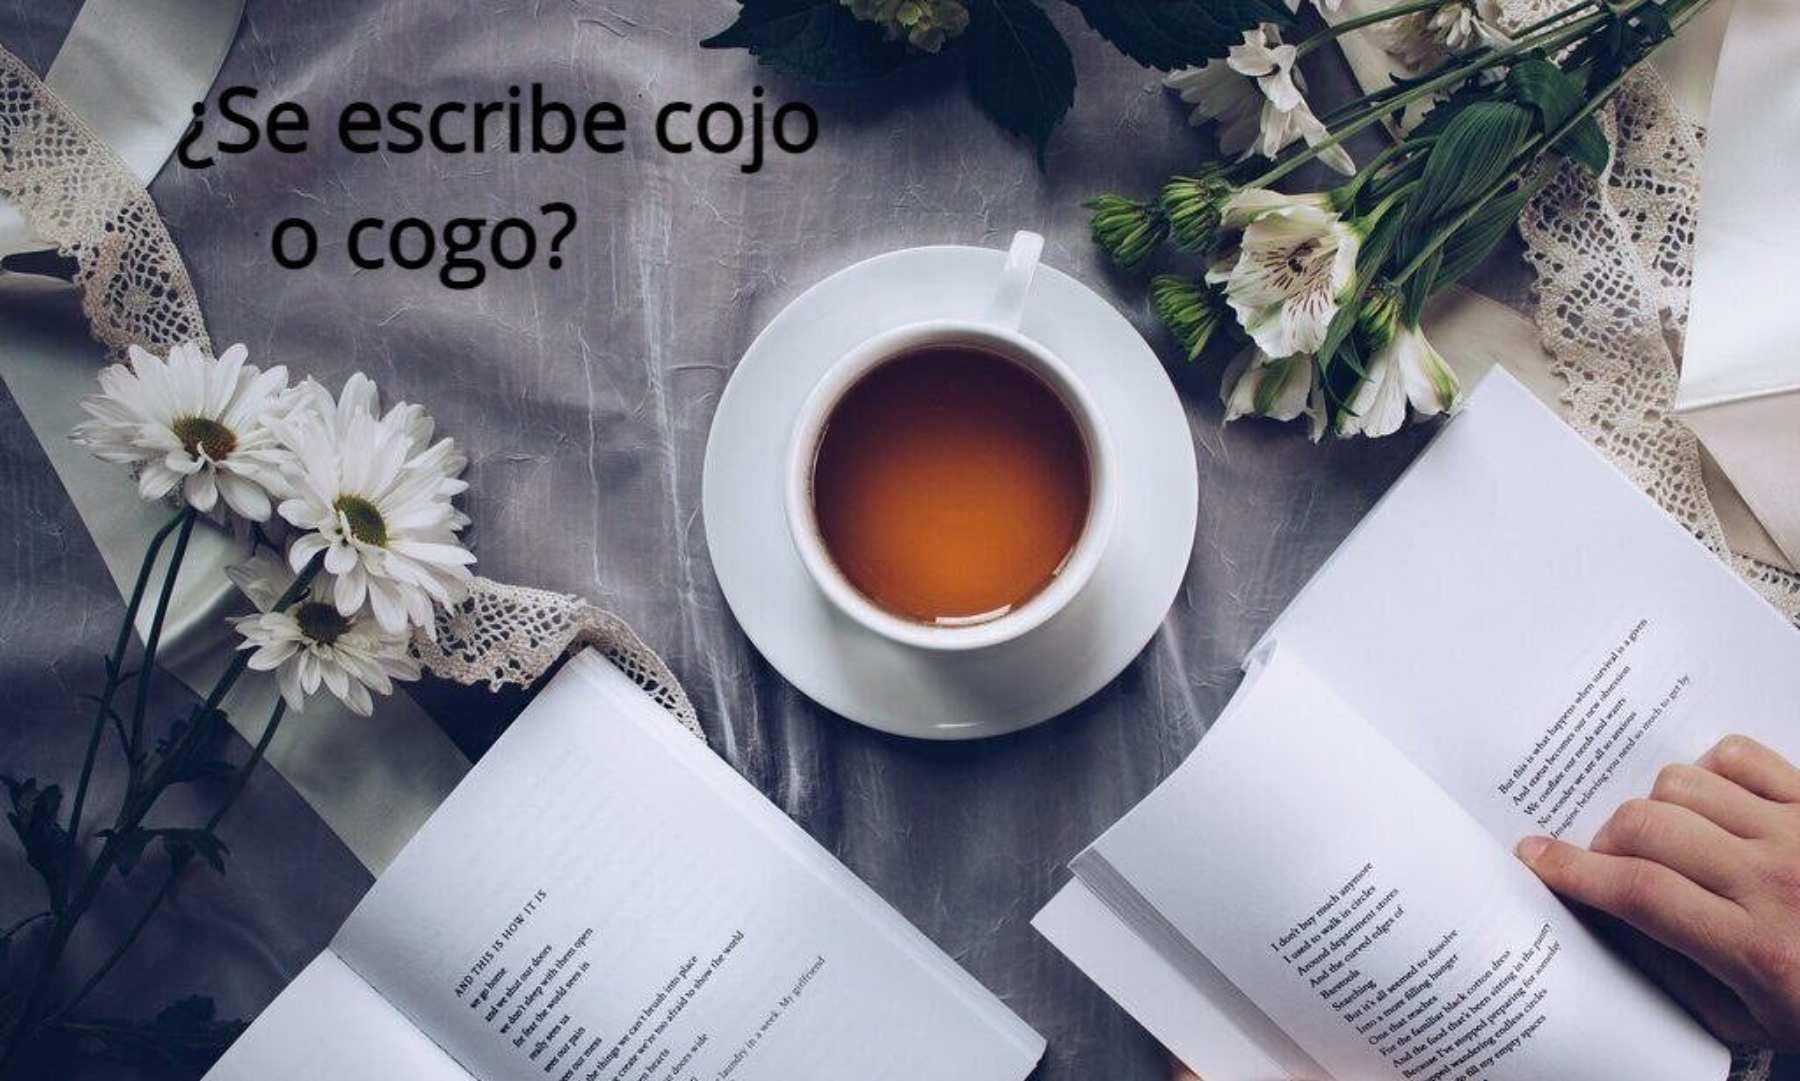 ¿Se escribe cojo o cogo?